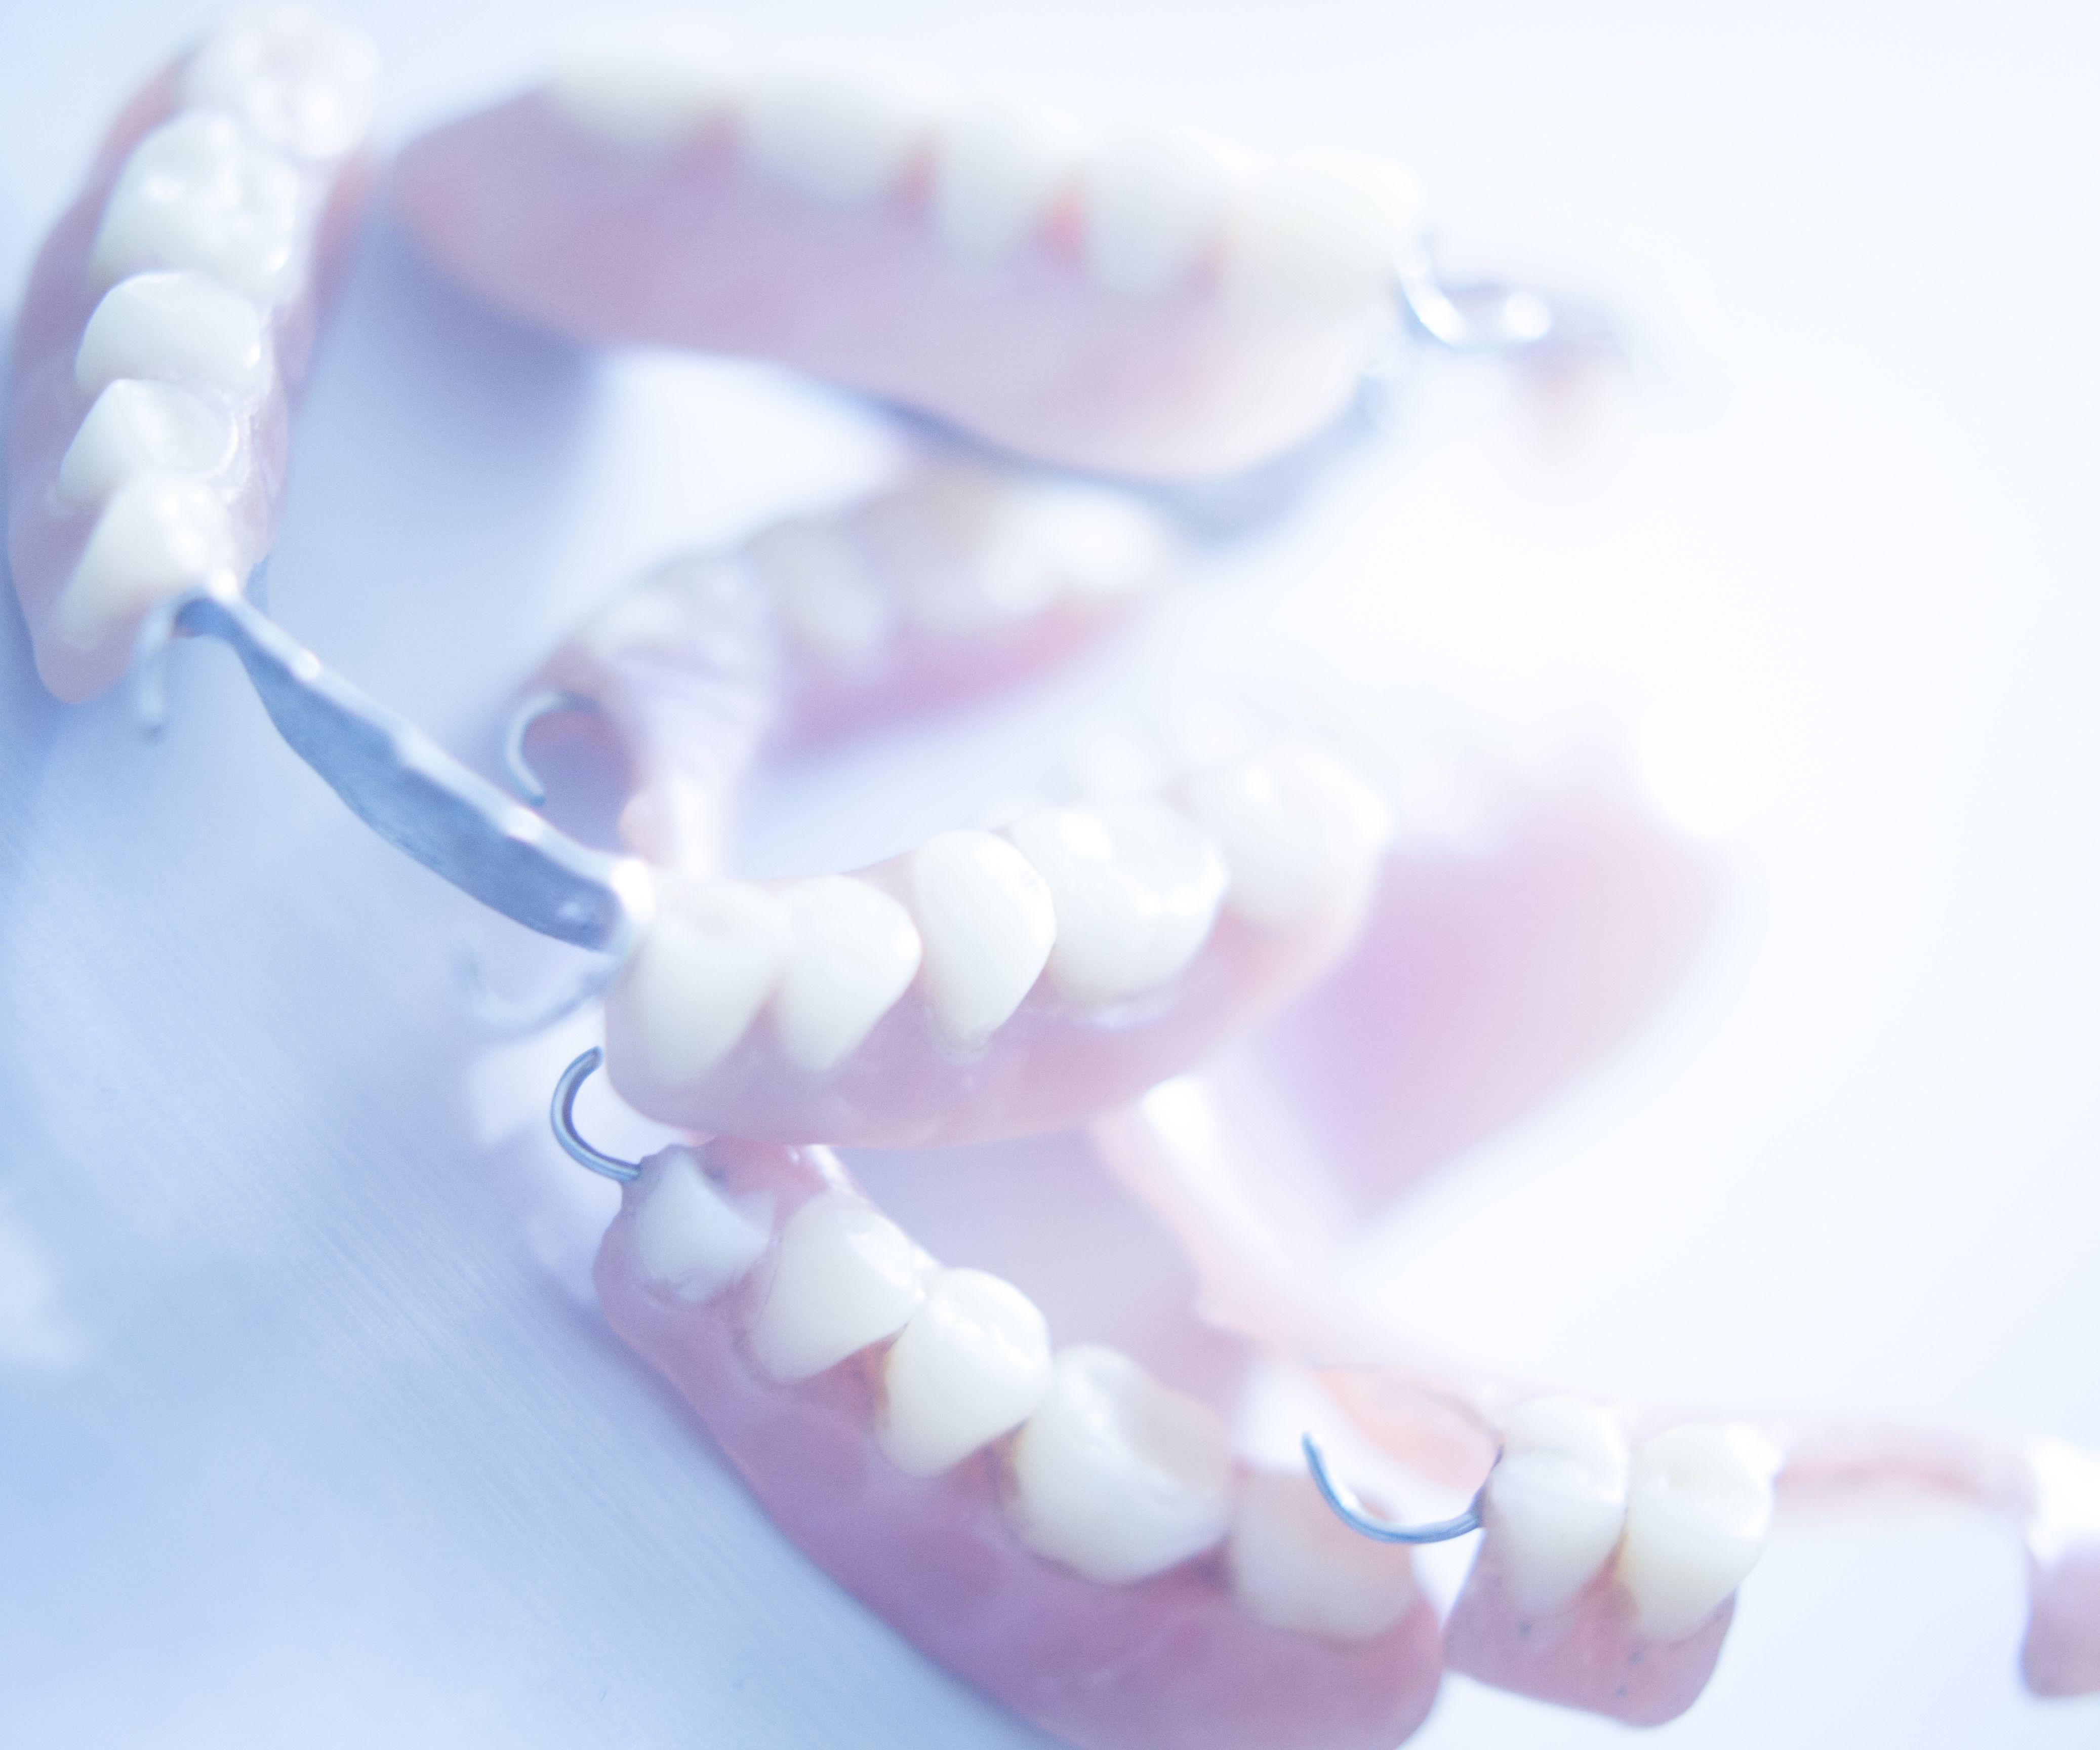 Foto 9 de Clínicas dentales      en Gandía | Clínica Dental Empar Benlloch